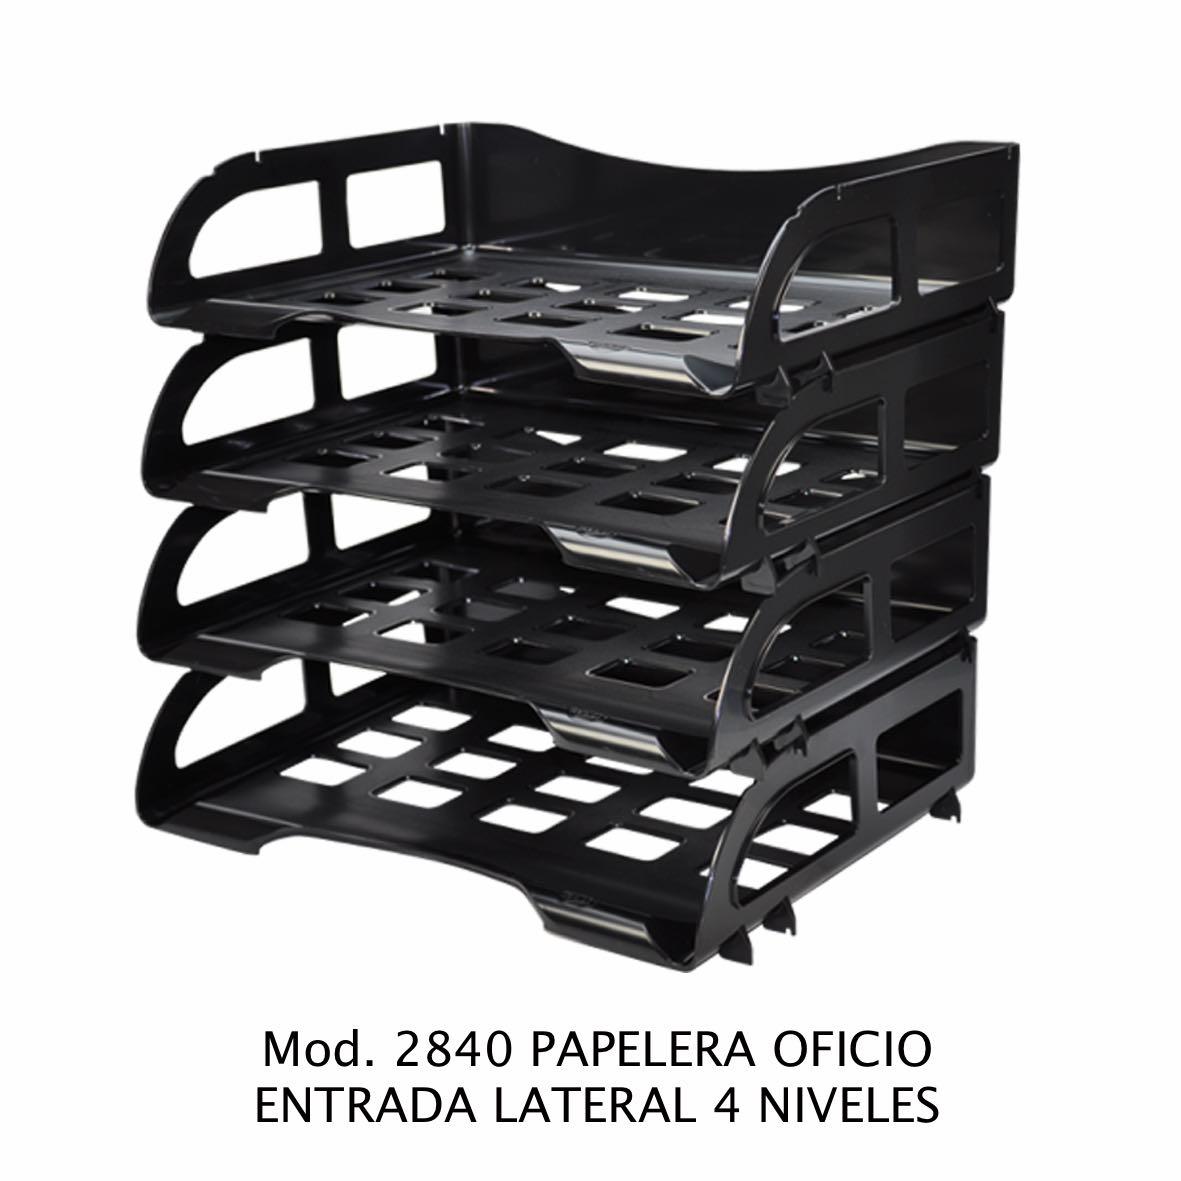 Charola de escritorio tamaño oficio de 4 niveles con entrada lateral color negro Modelo 2840 - Sablón